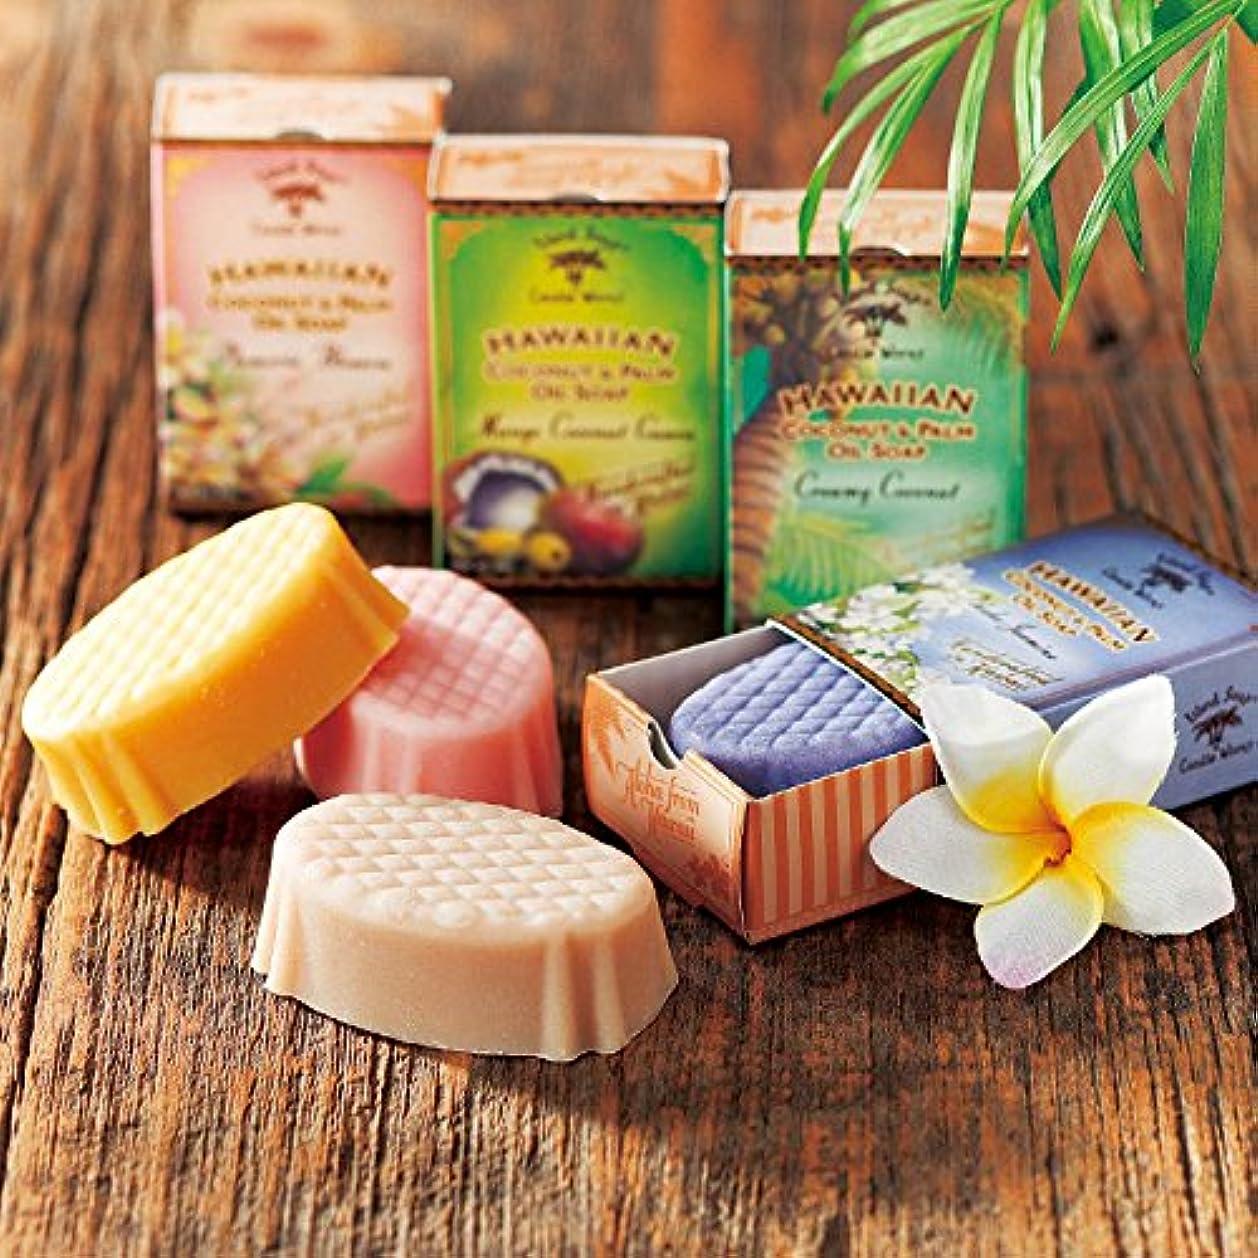 小包示すボアハワイ 土産 アイランドソープ ココナッツソープ 4種セット (海外旅行 ハワイ お土産)